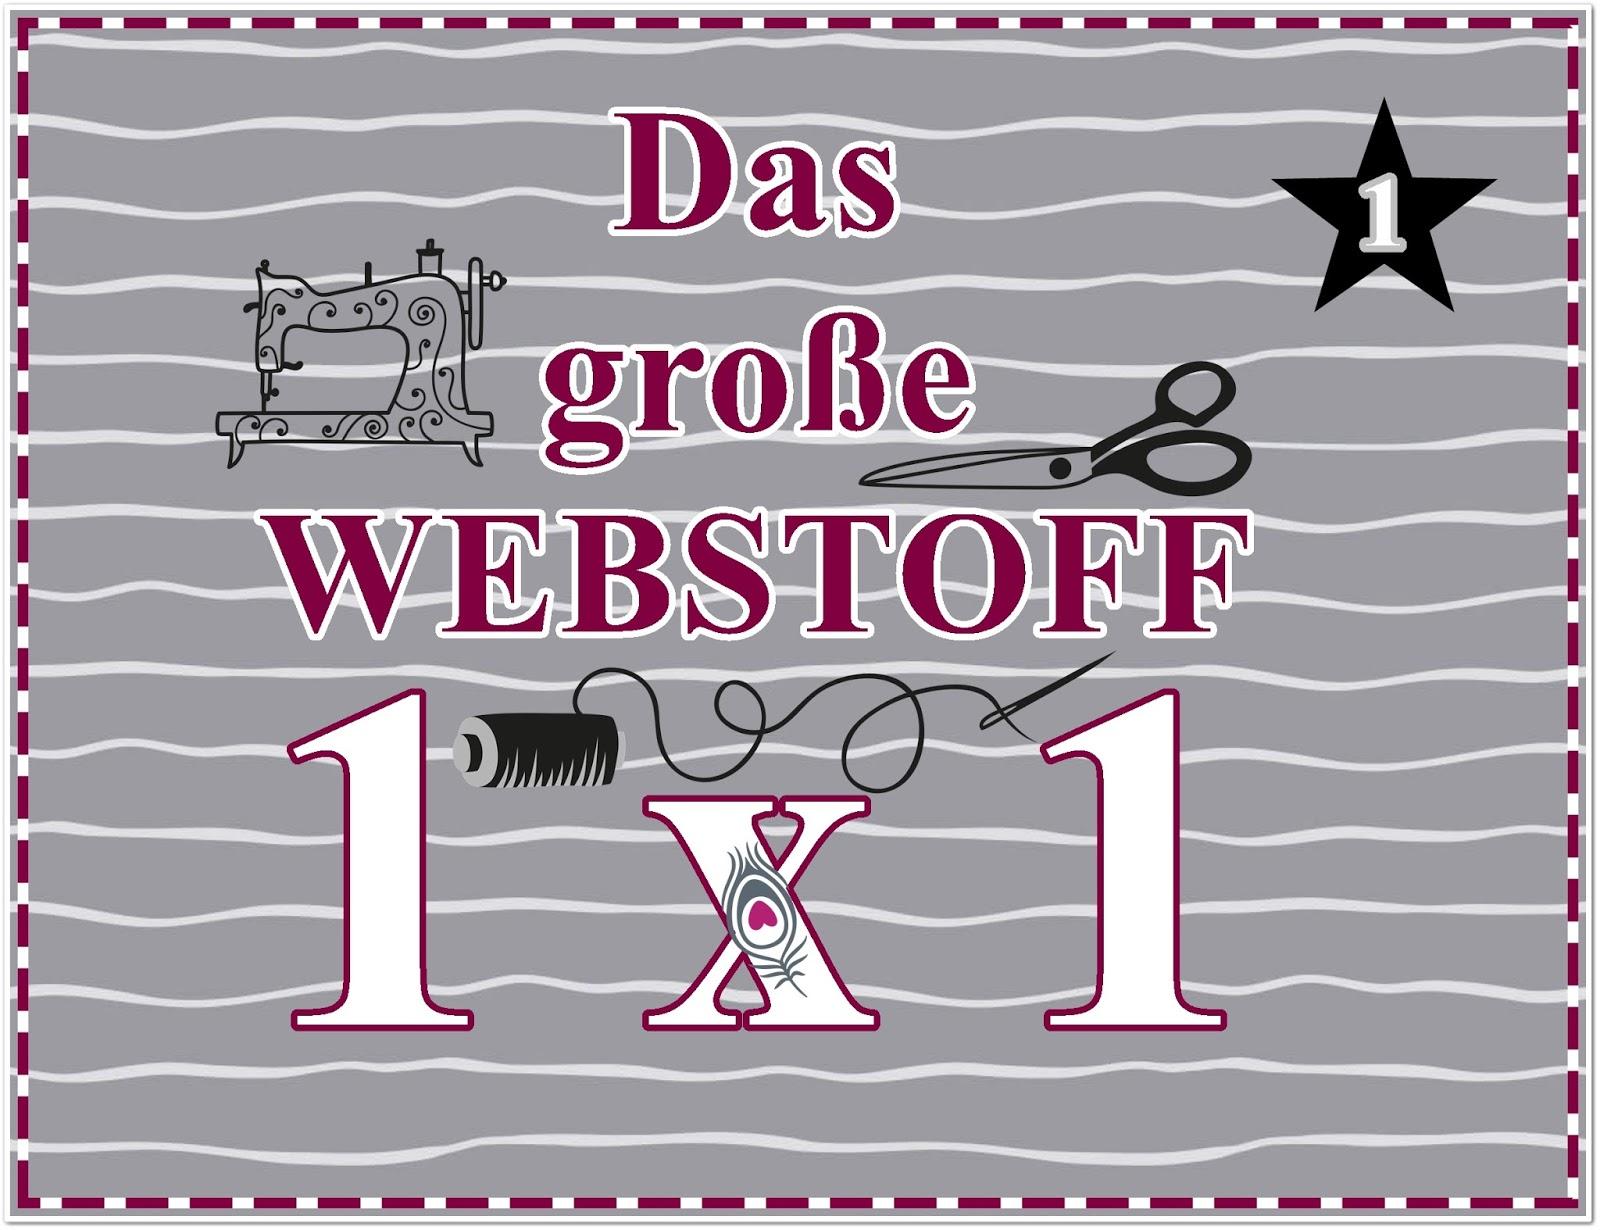 Stoff und Liebe Blog: Das große Webstoff 1x1 - TEIL 1